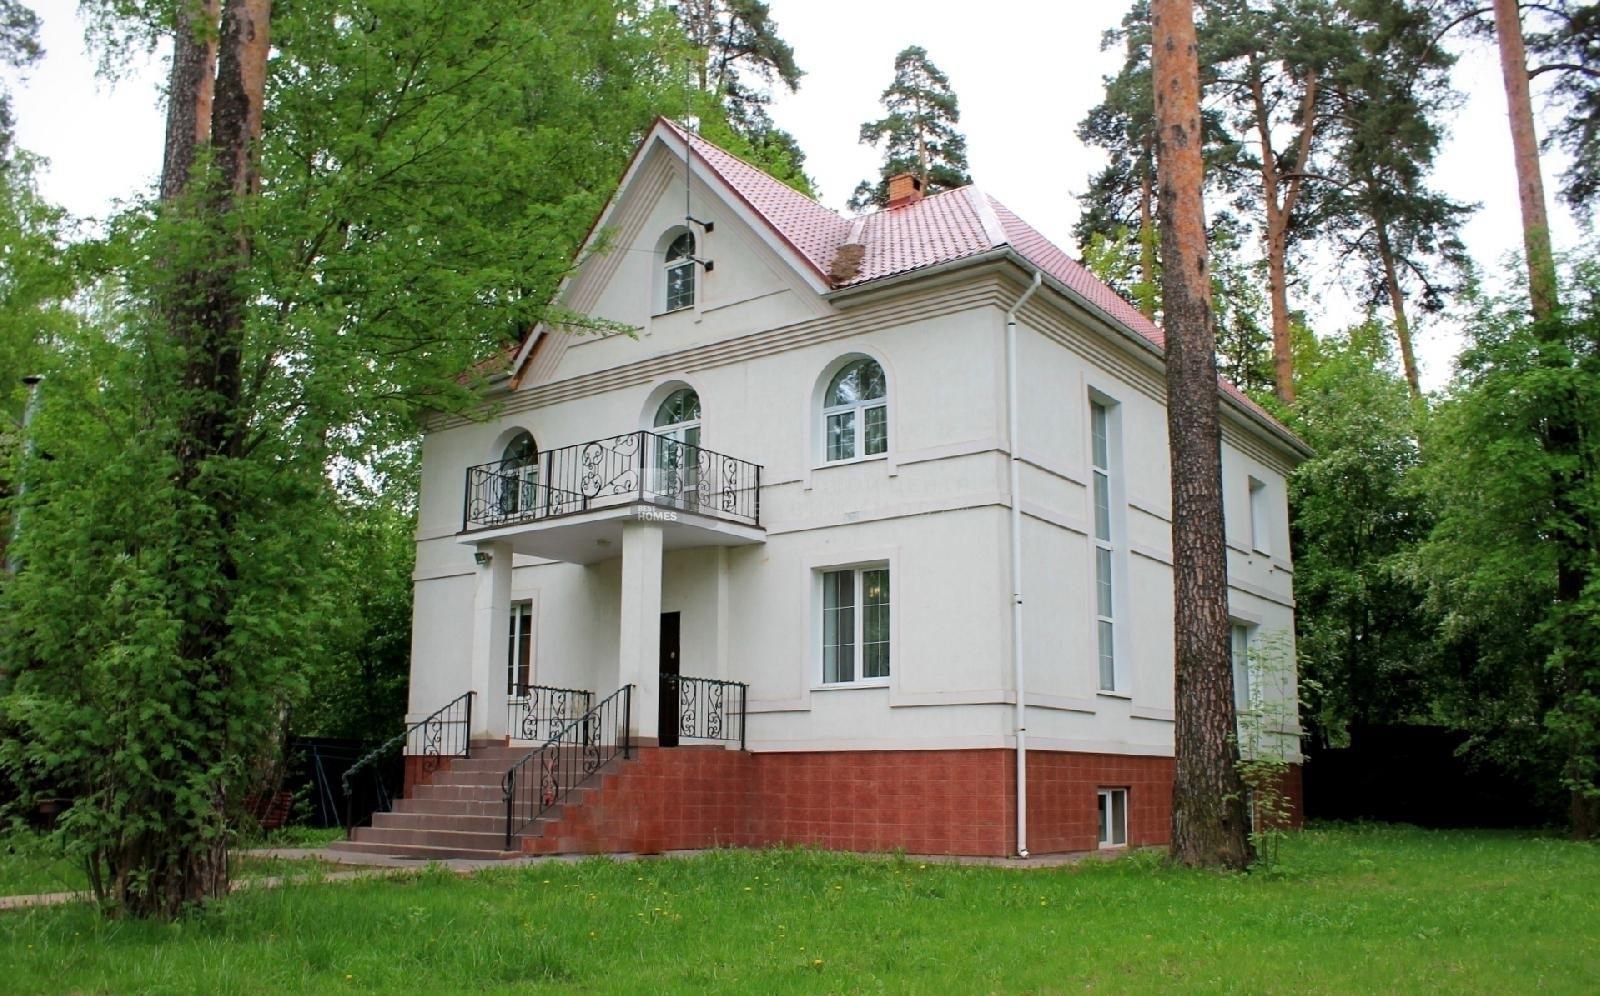 объявлений купить дом или дачу в клязьме пушкинский район Общение